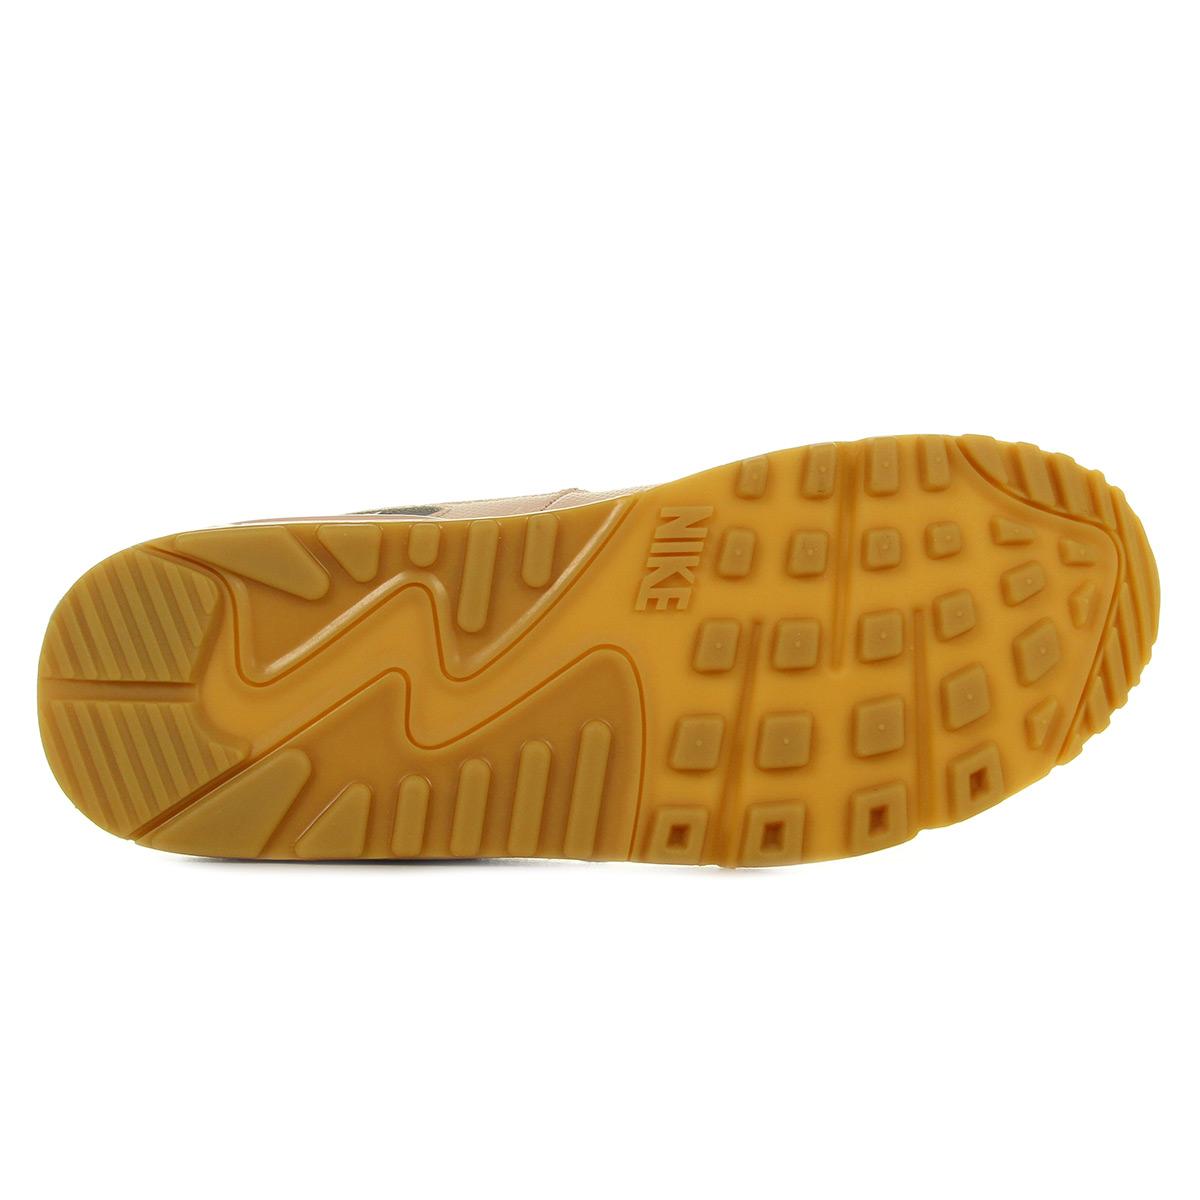 9d18b3bb2bdad Chaussures Baskets Nike femme Wmns Air Max 90